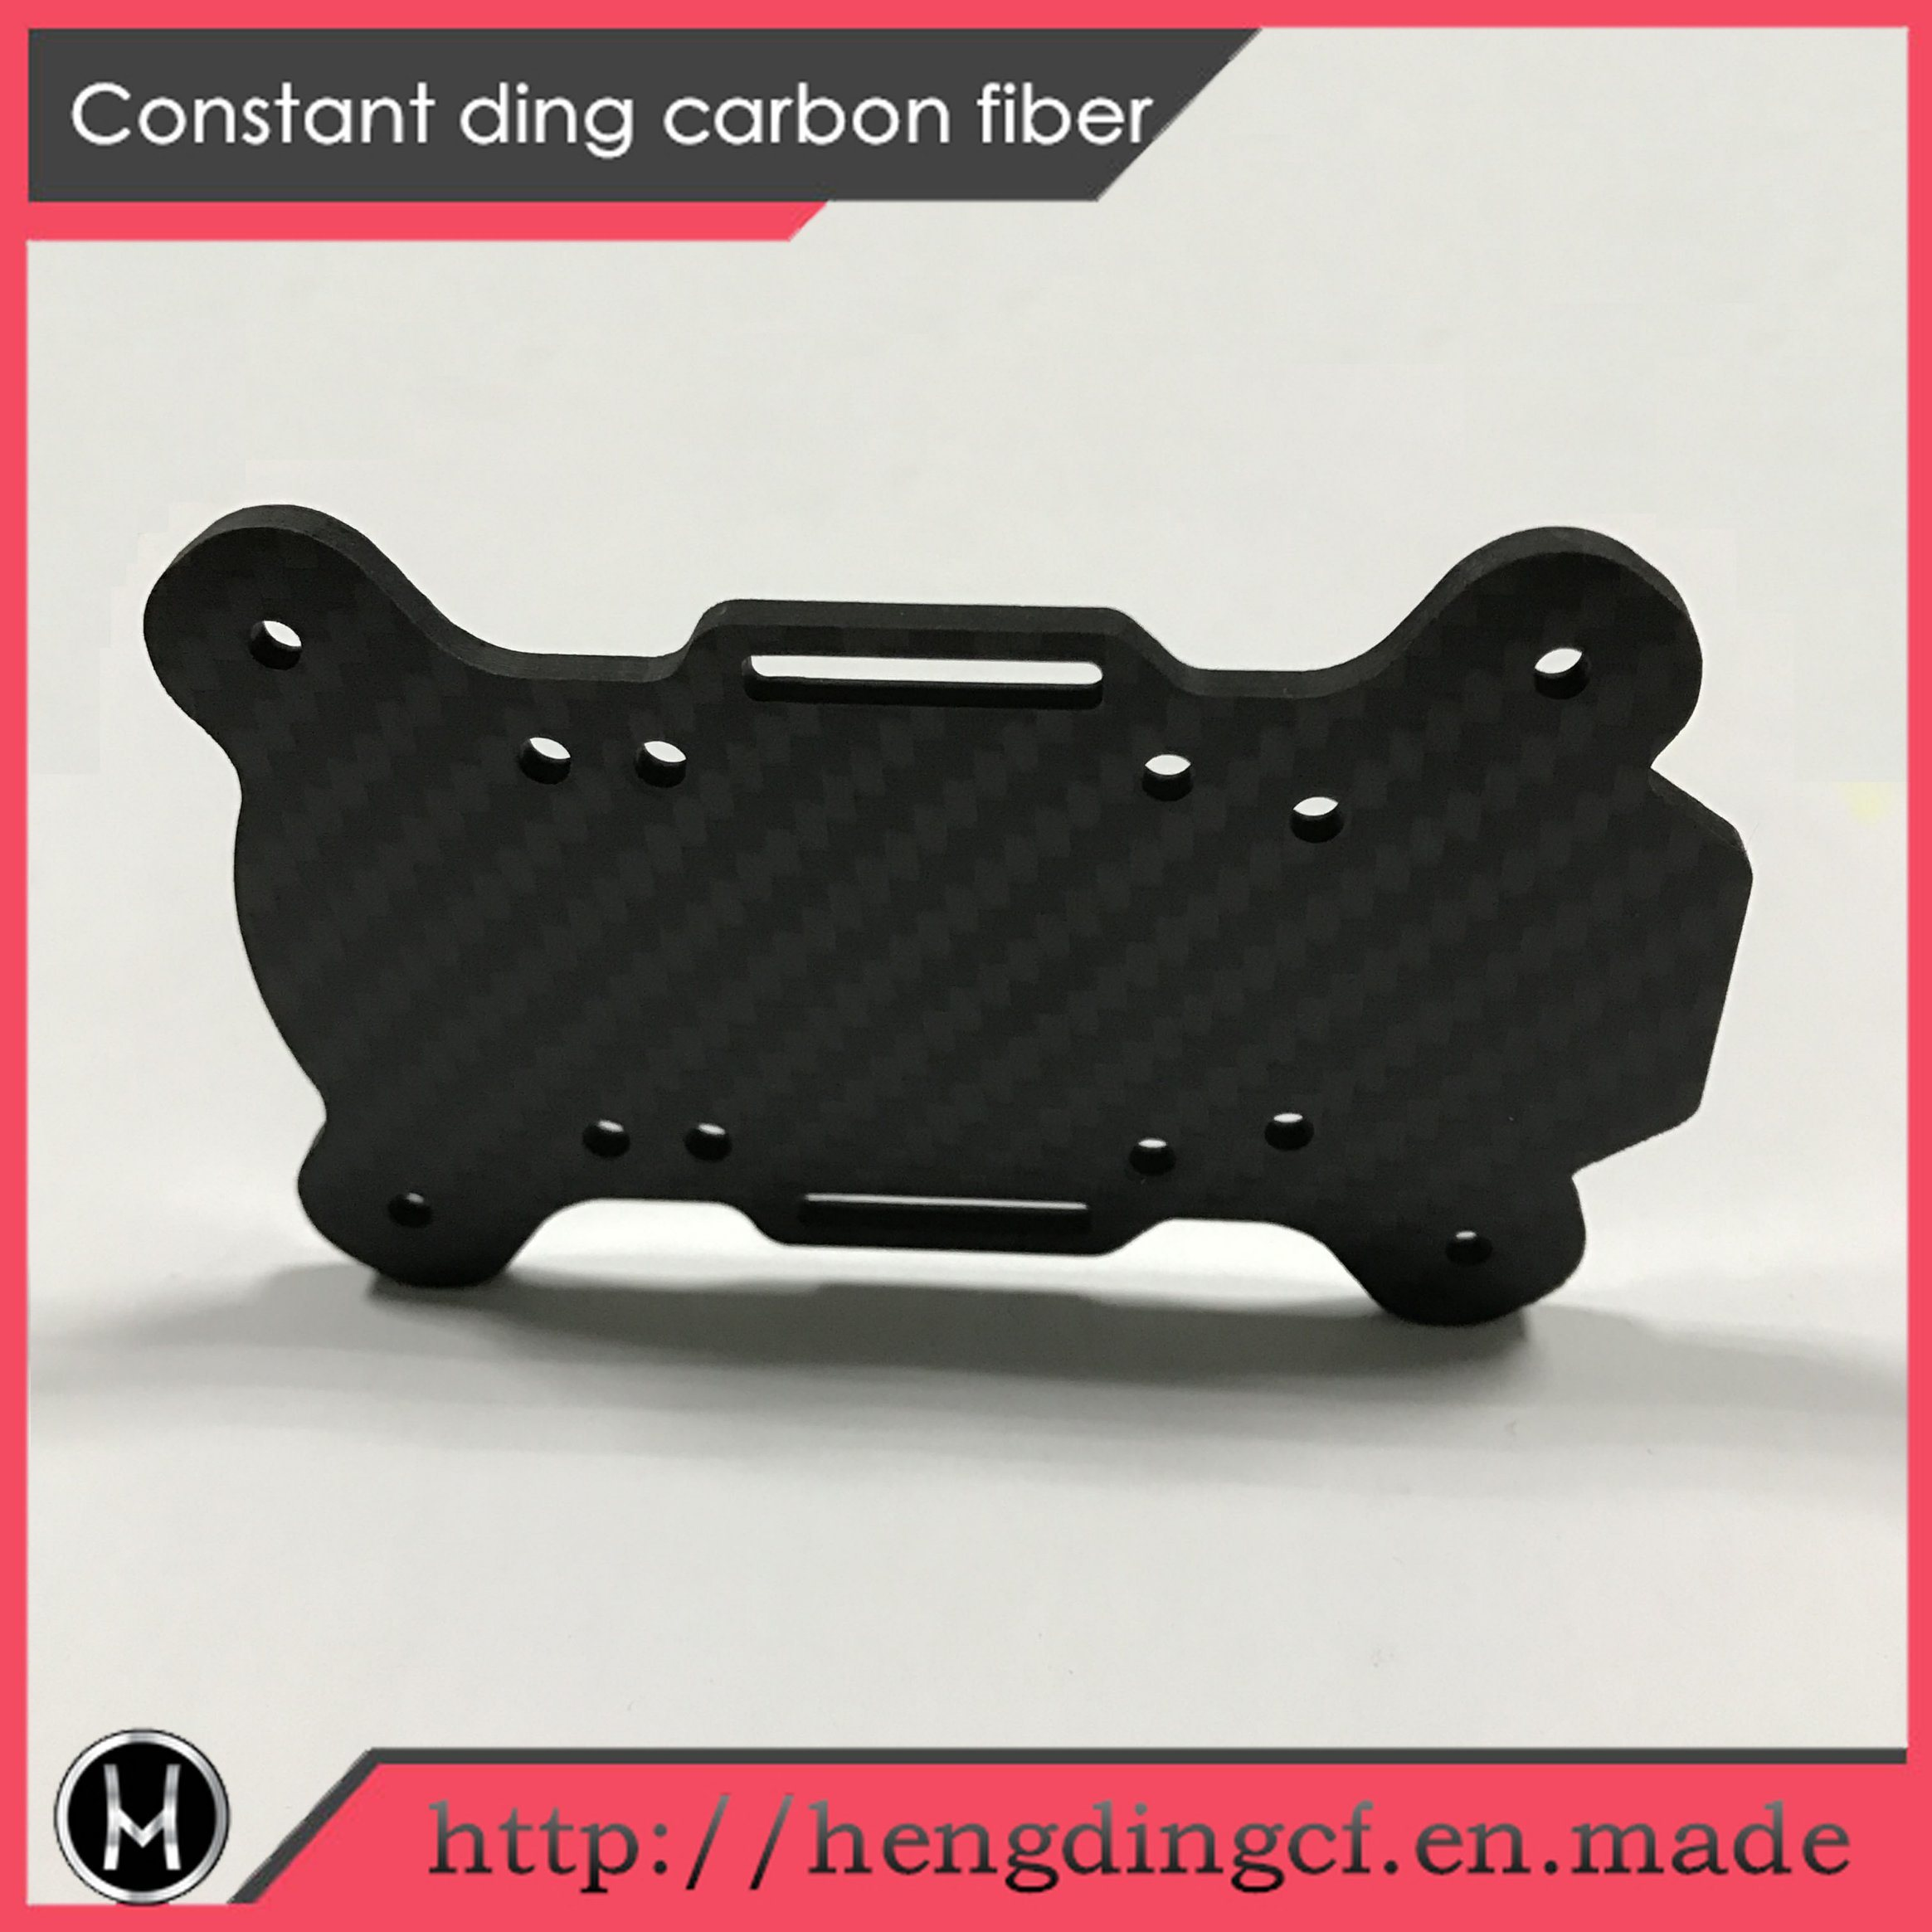 Carbon Fiber Plate for Uav